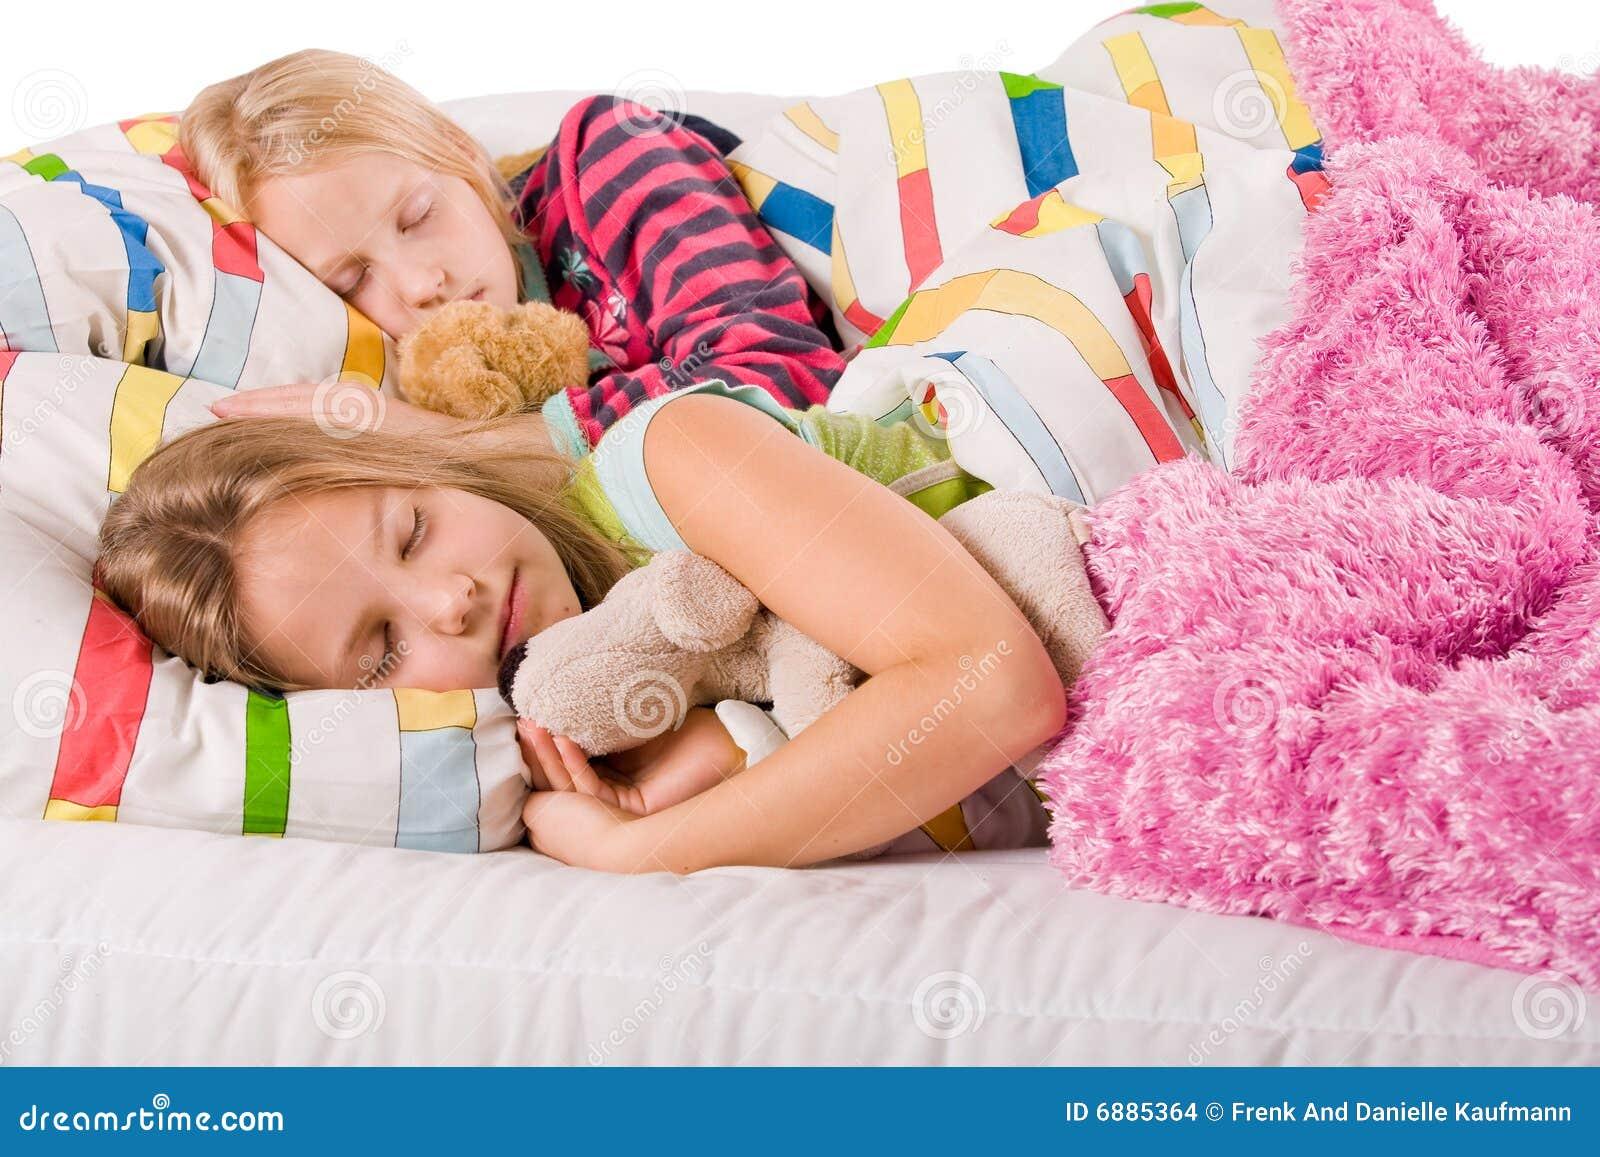 Трахнул красивую сестру пока она спала, У брата и сестры одна комната на двоих - видео ролик 20 фотография